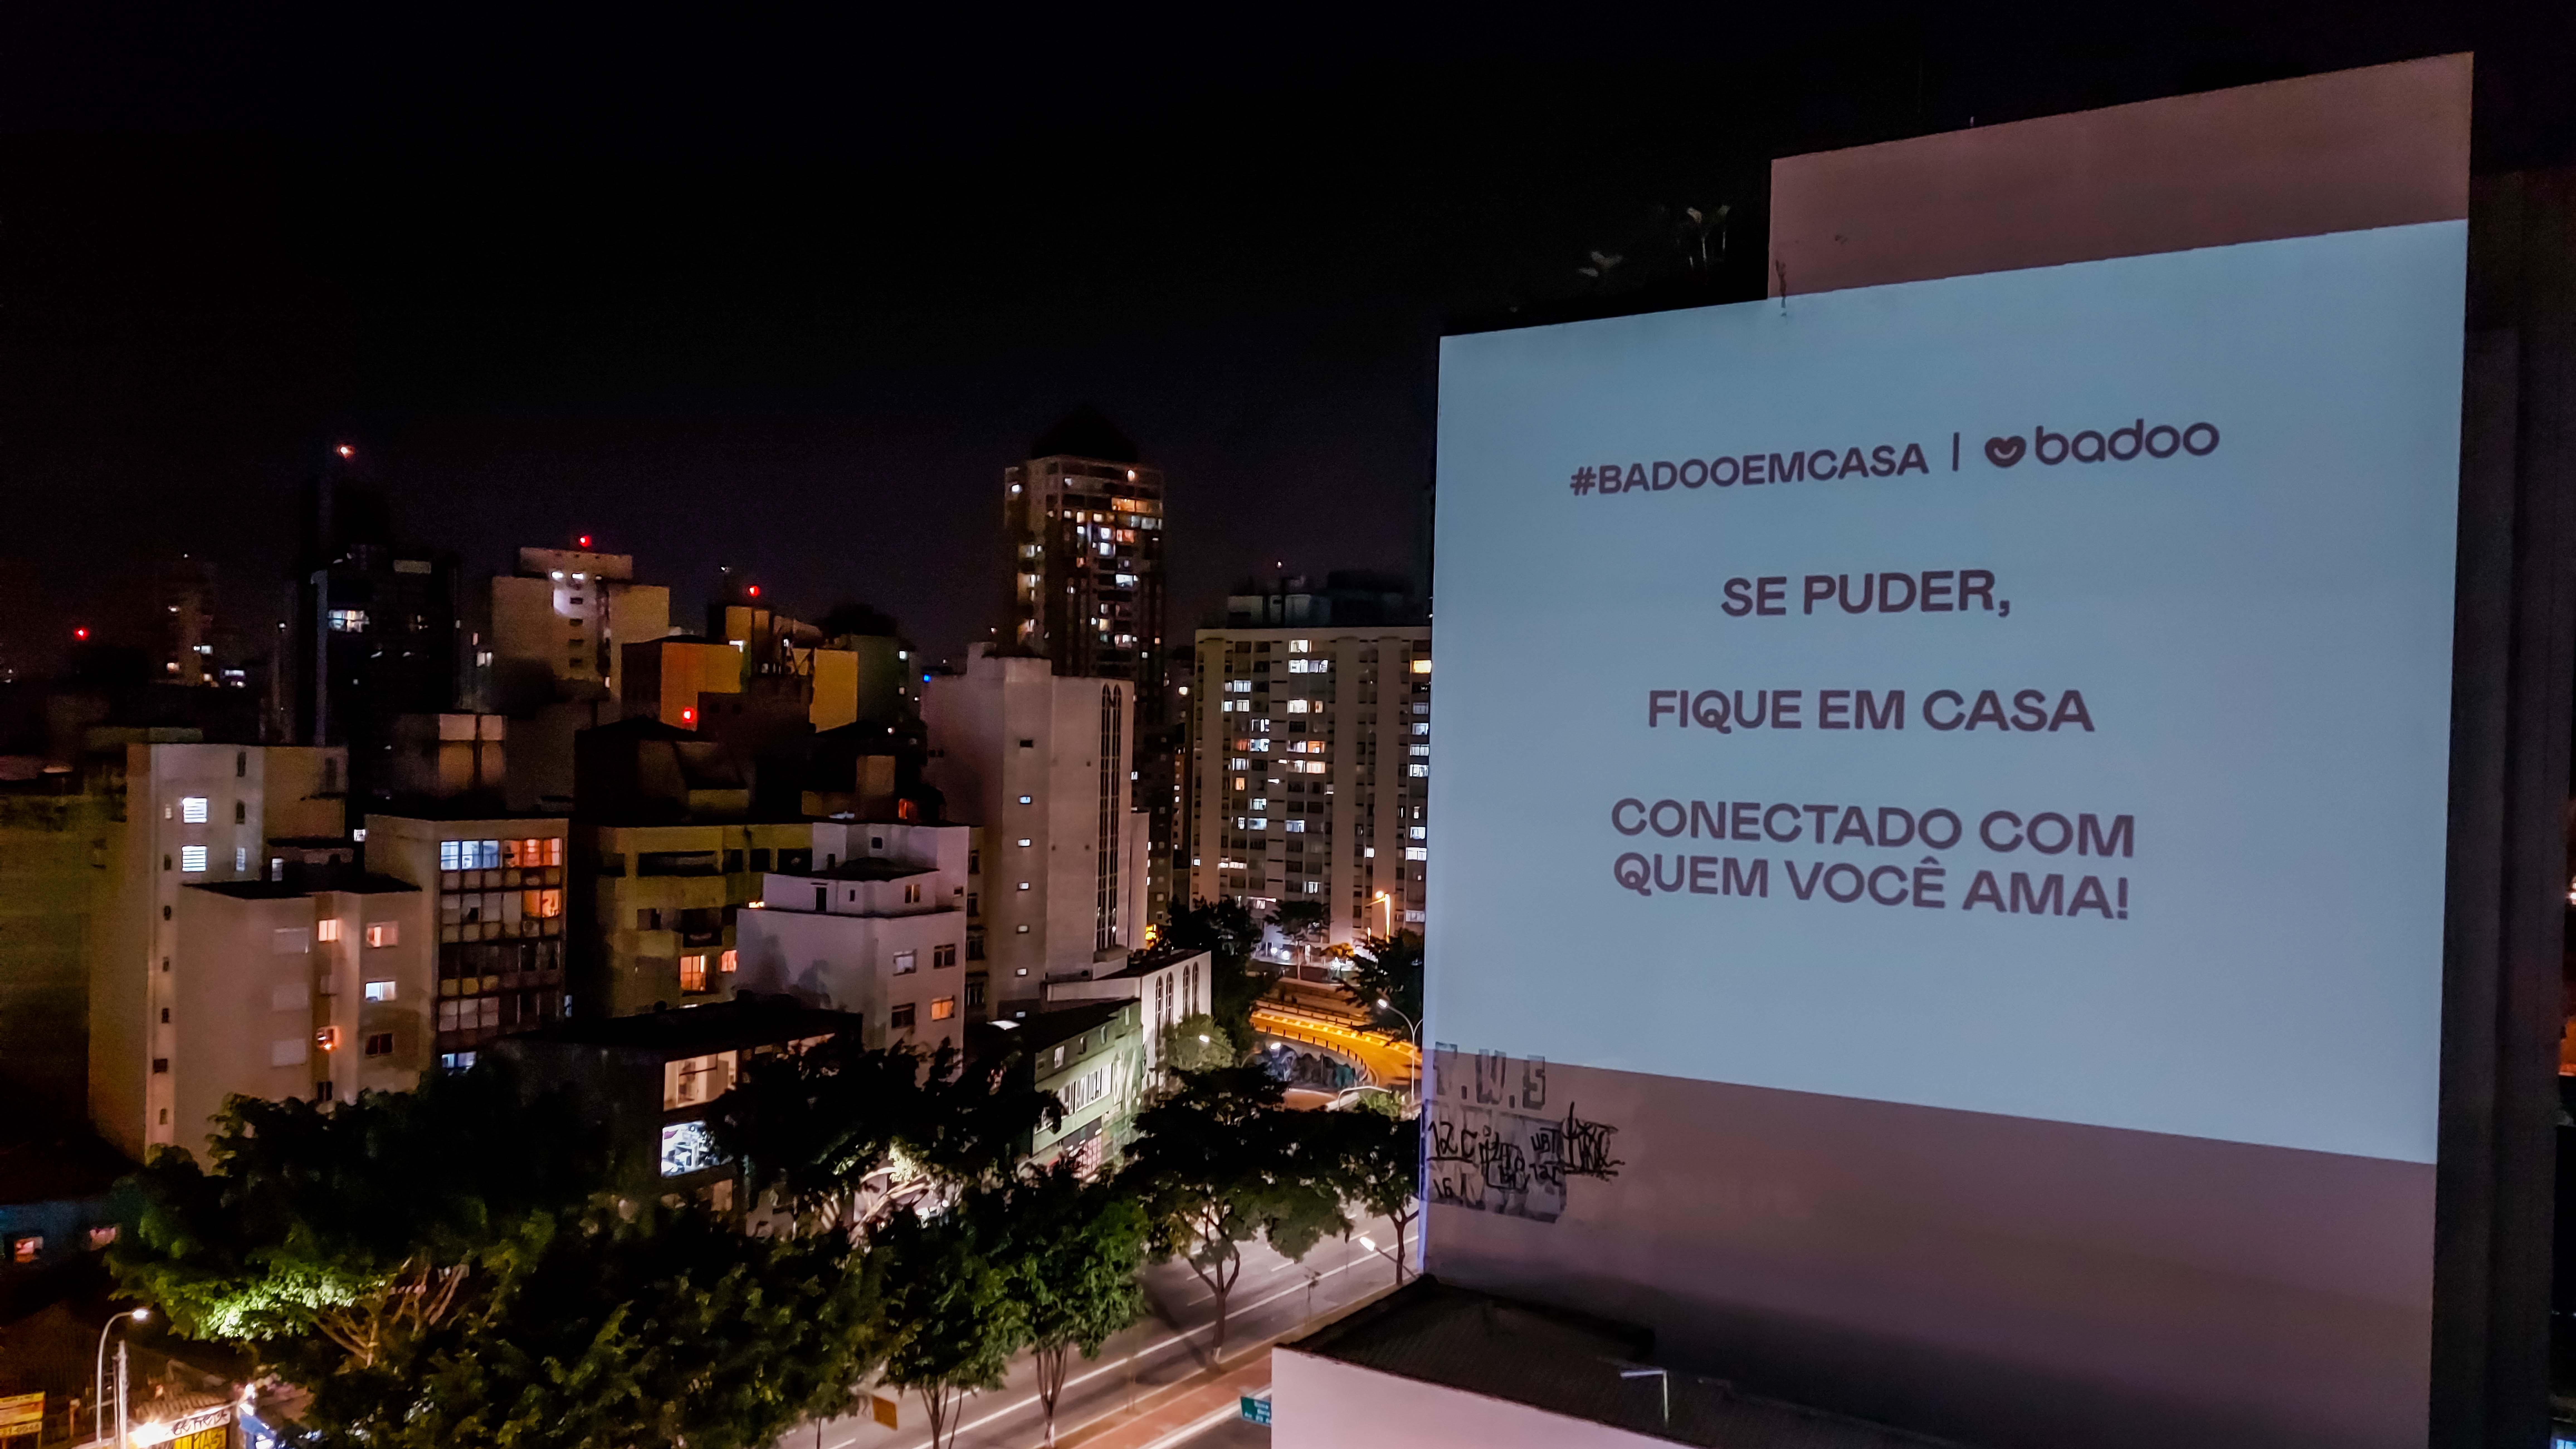 Badoo de brasilia